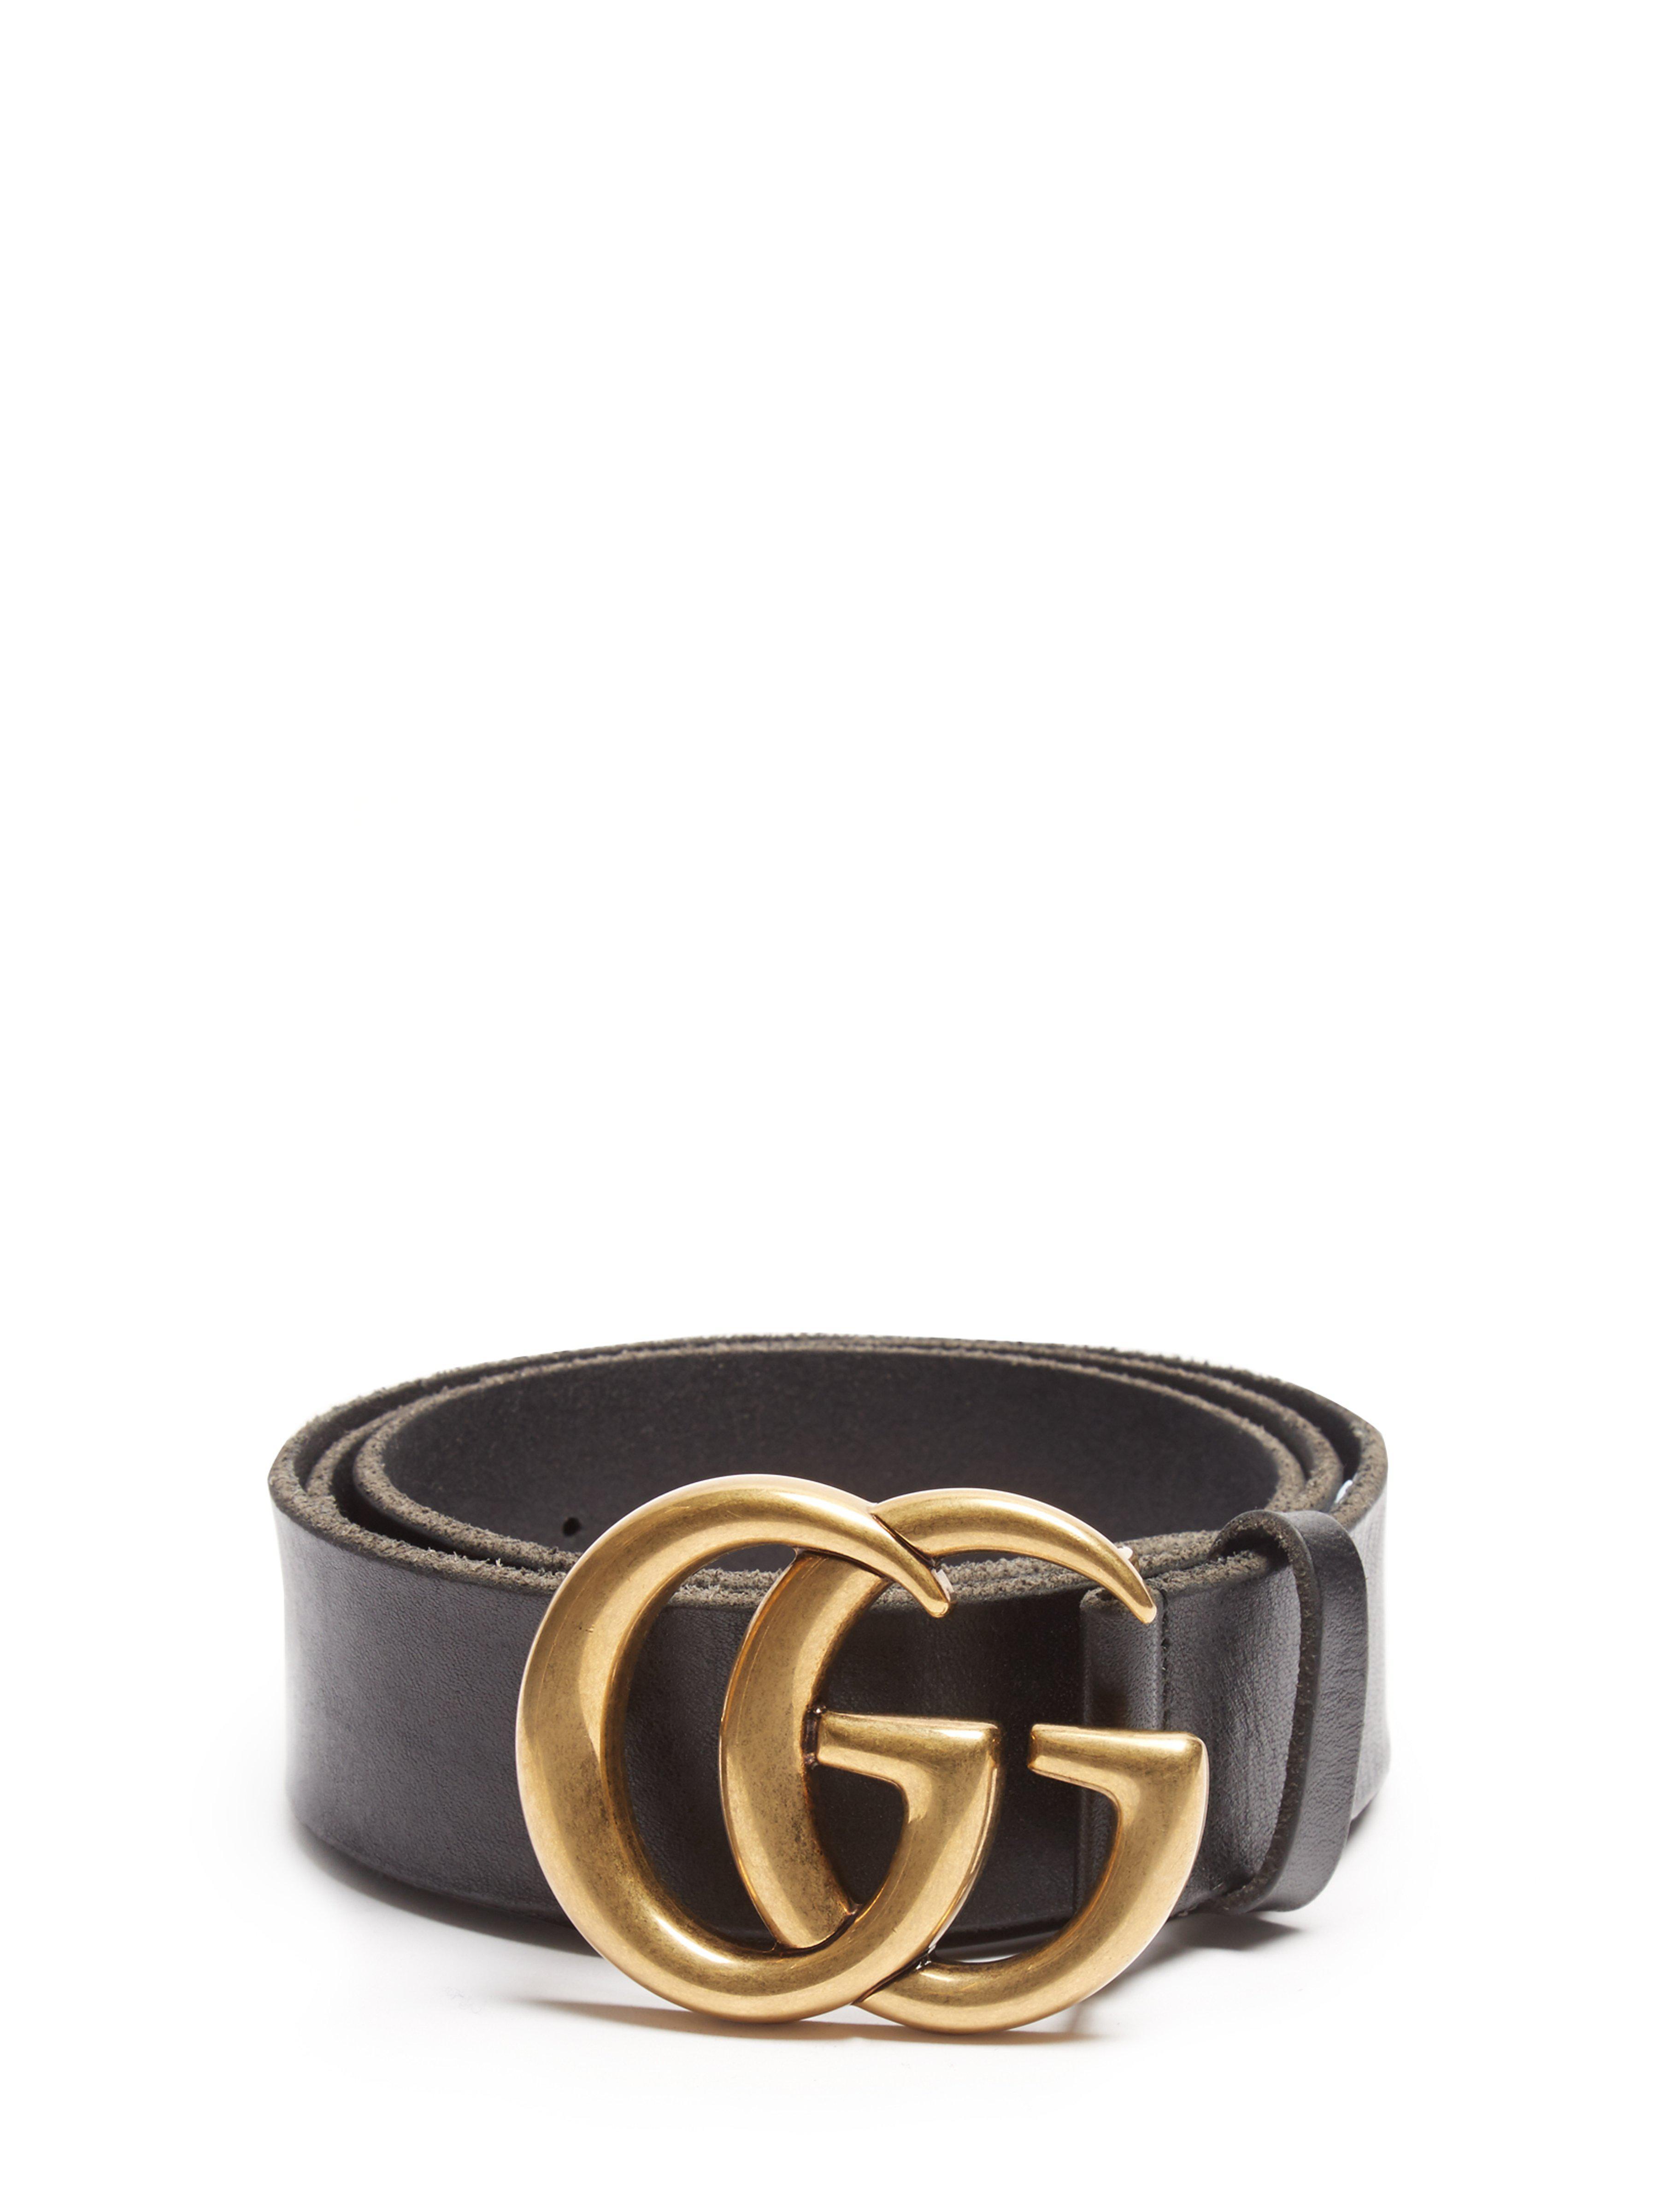 3124a04009f Lyst - Ceinture en cuir GG Gucci pour homme en coloris Noir - 68 ...